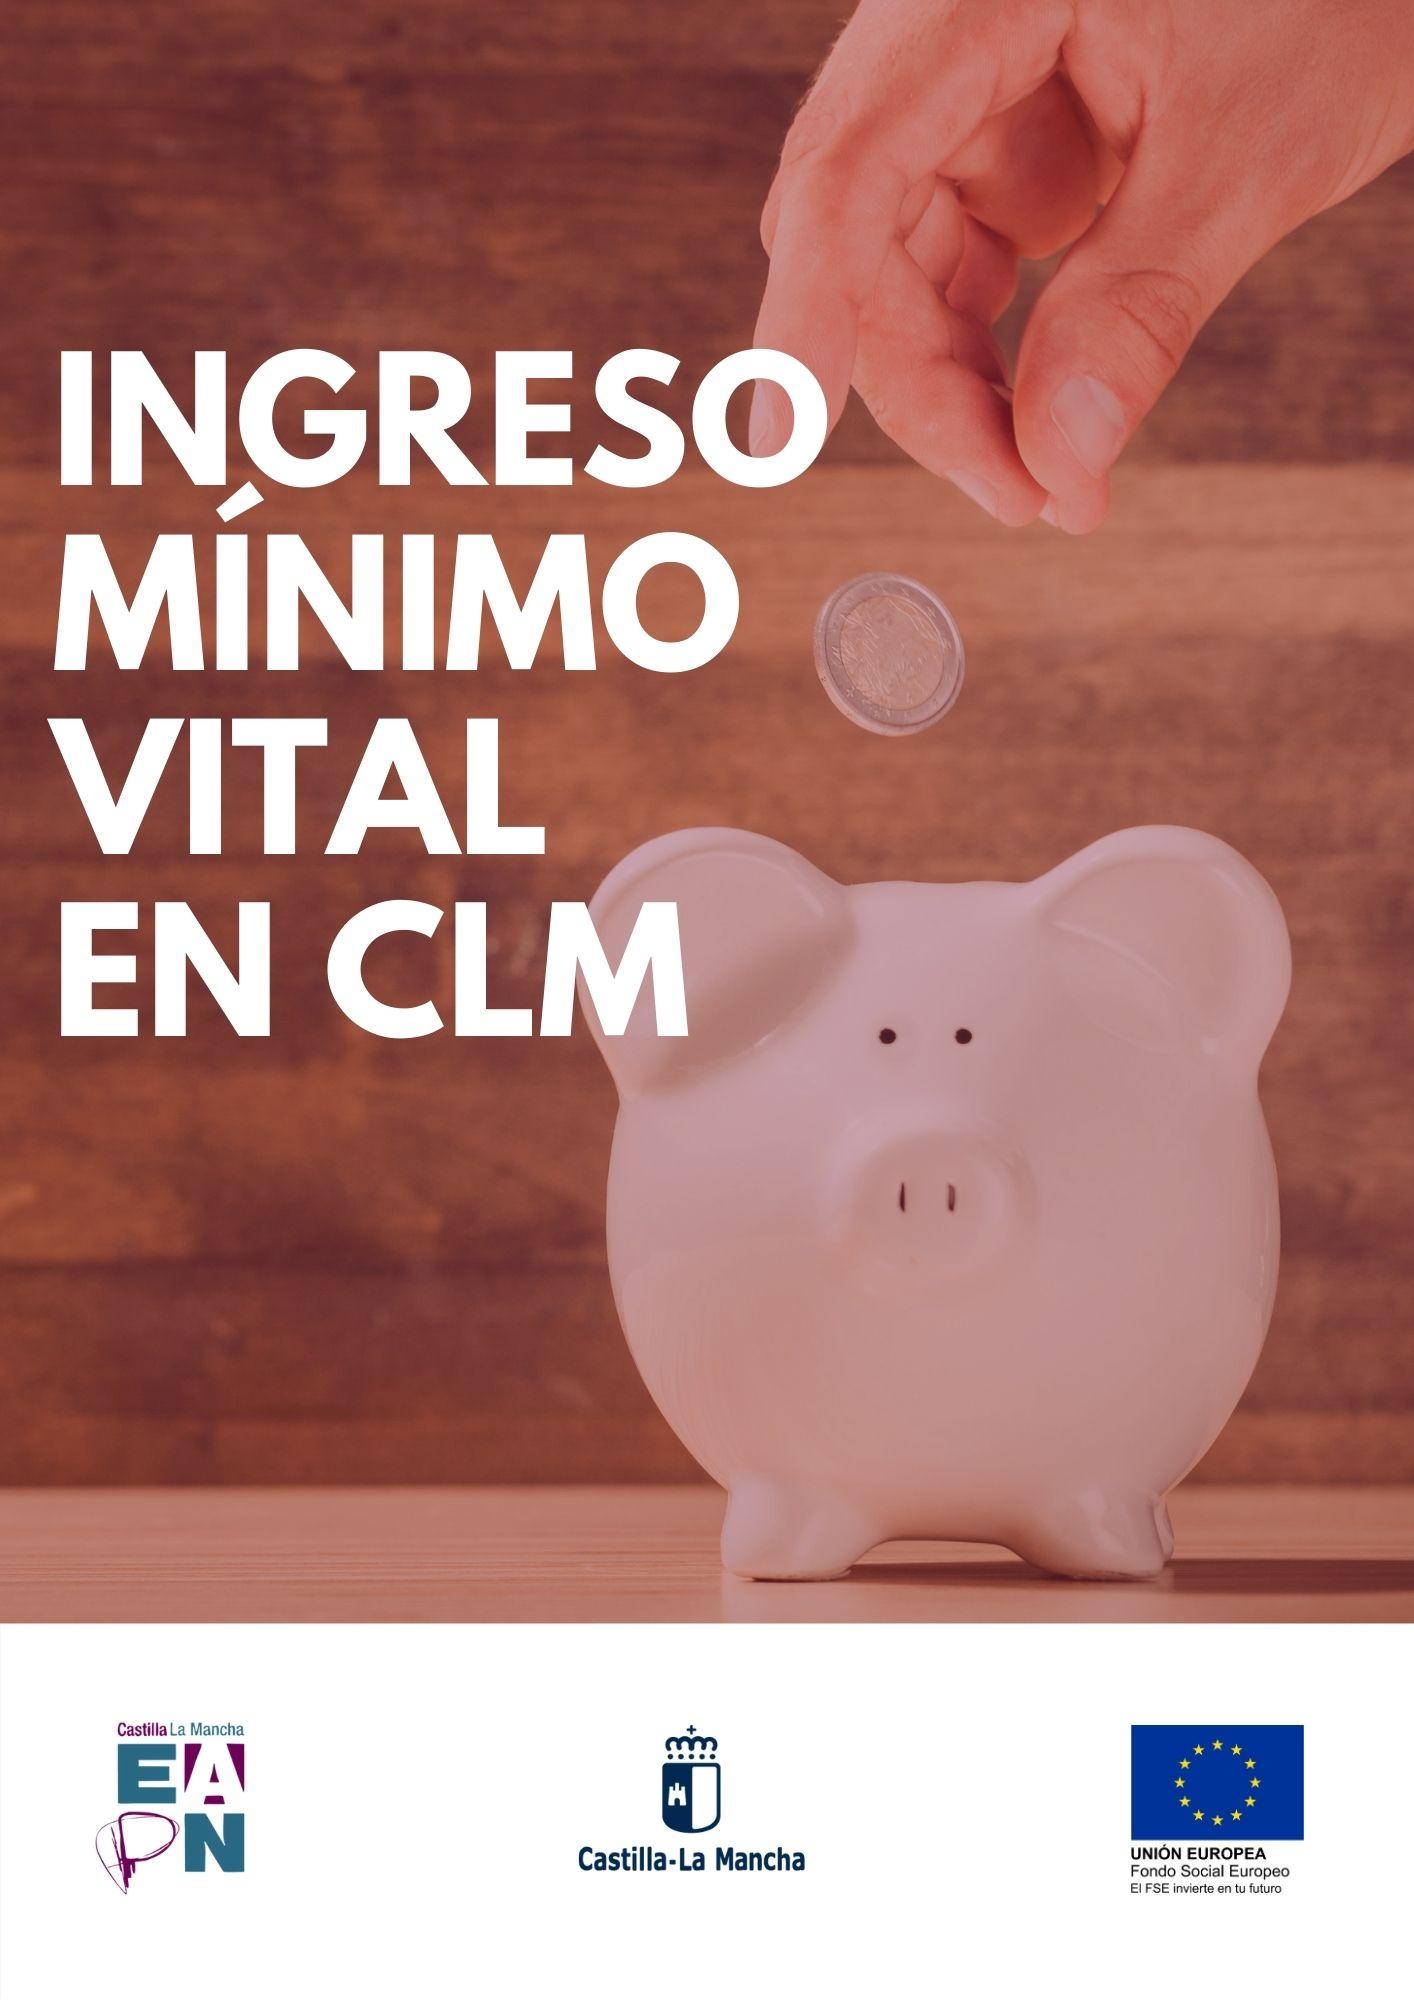 Ingreso Mínimo Vital en CLM